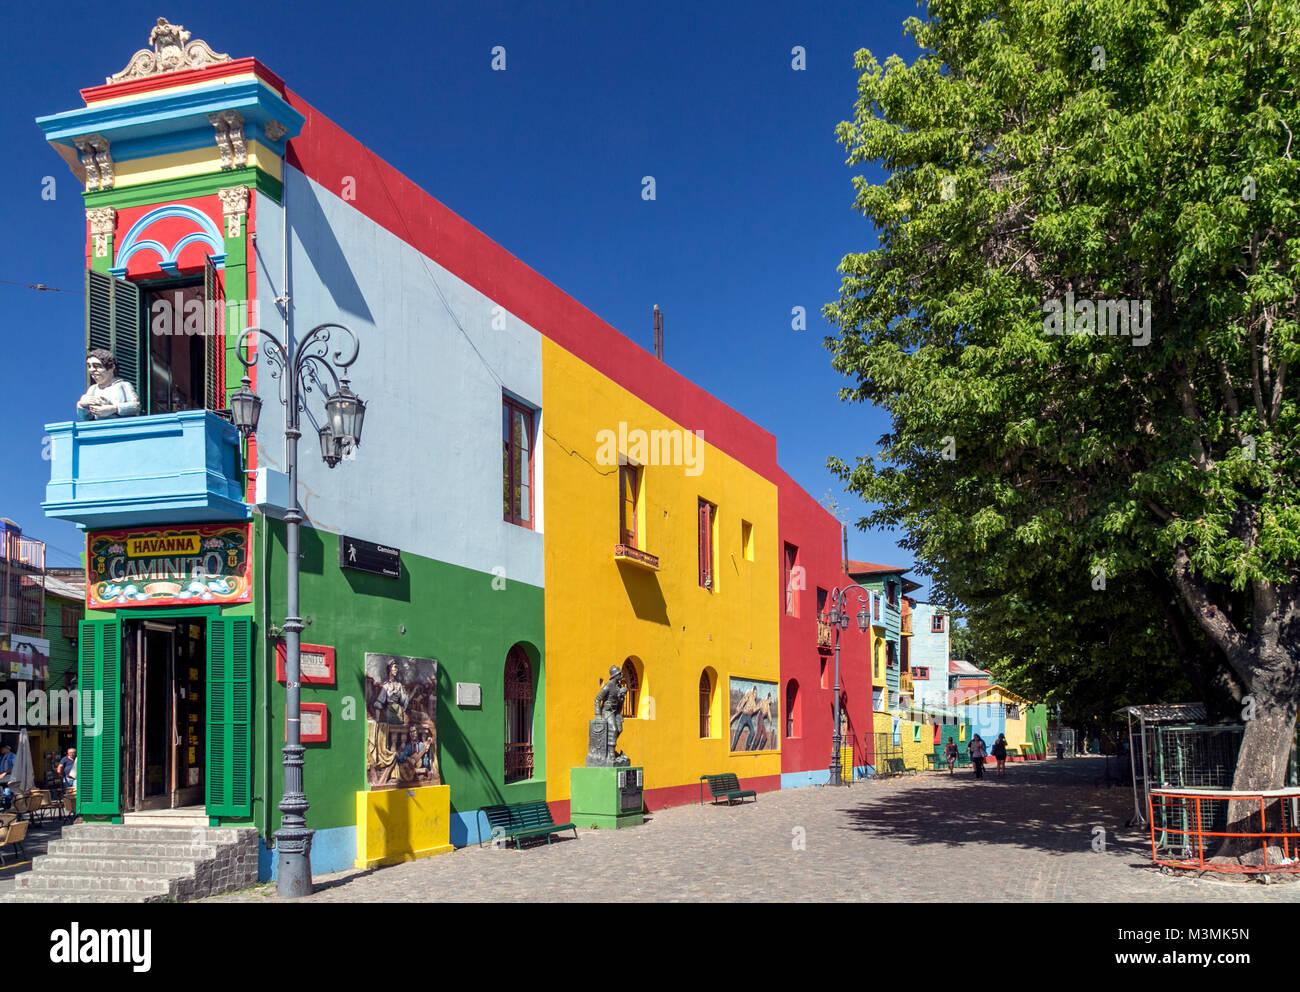 Caminito, La Boca. Buenos Aires, Argentina Immagini Stock